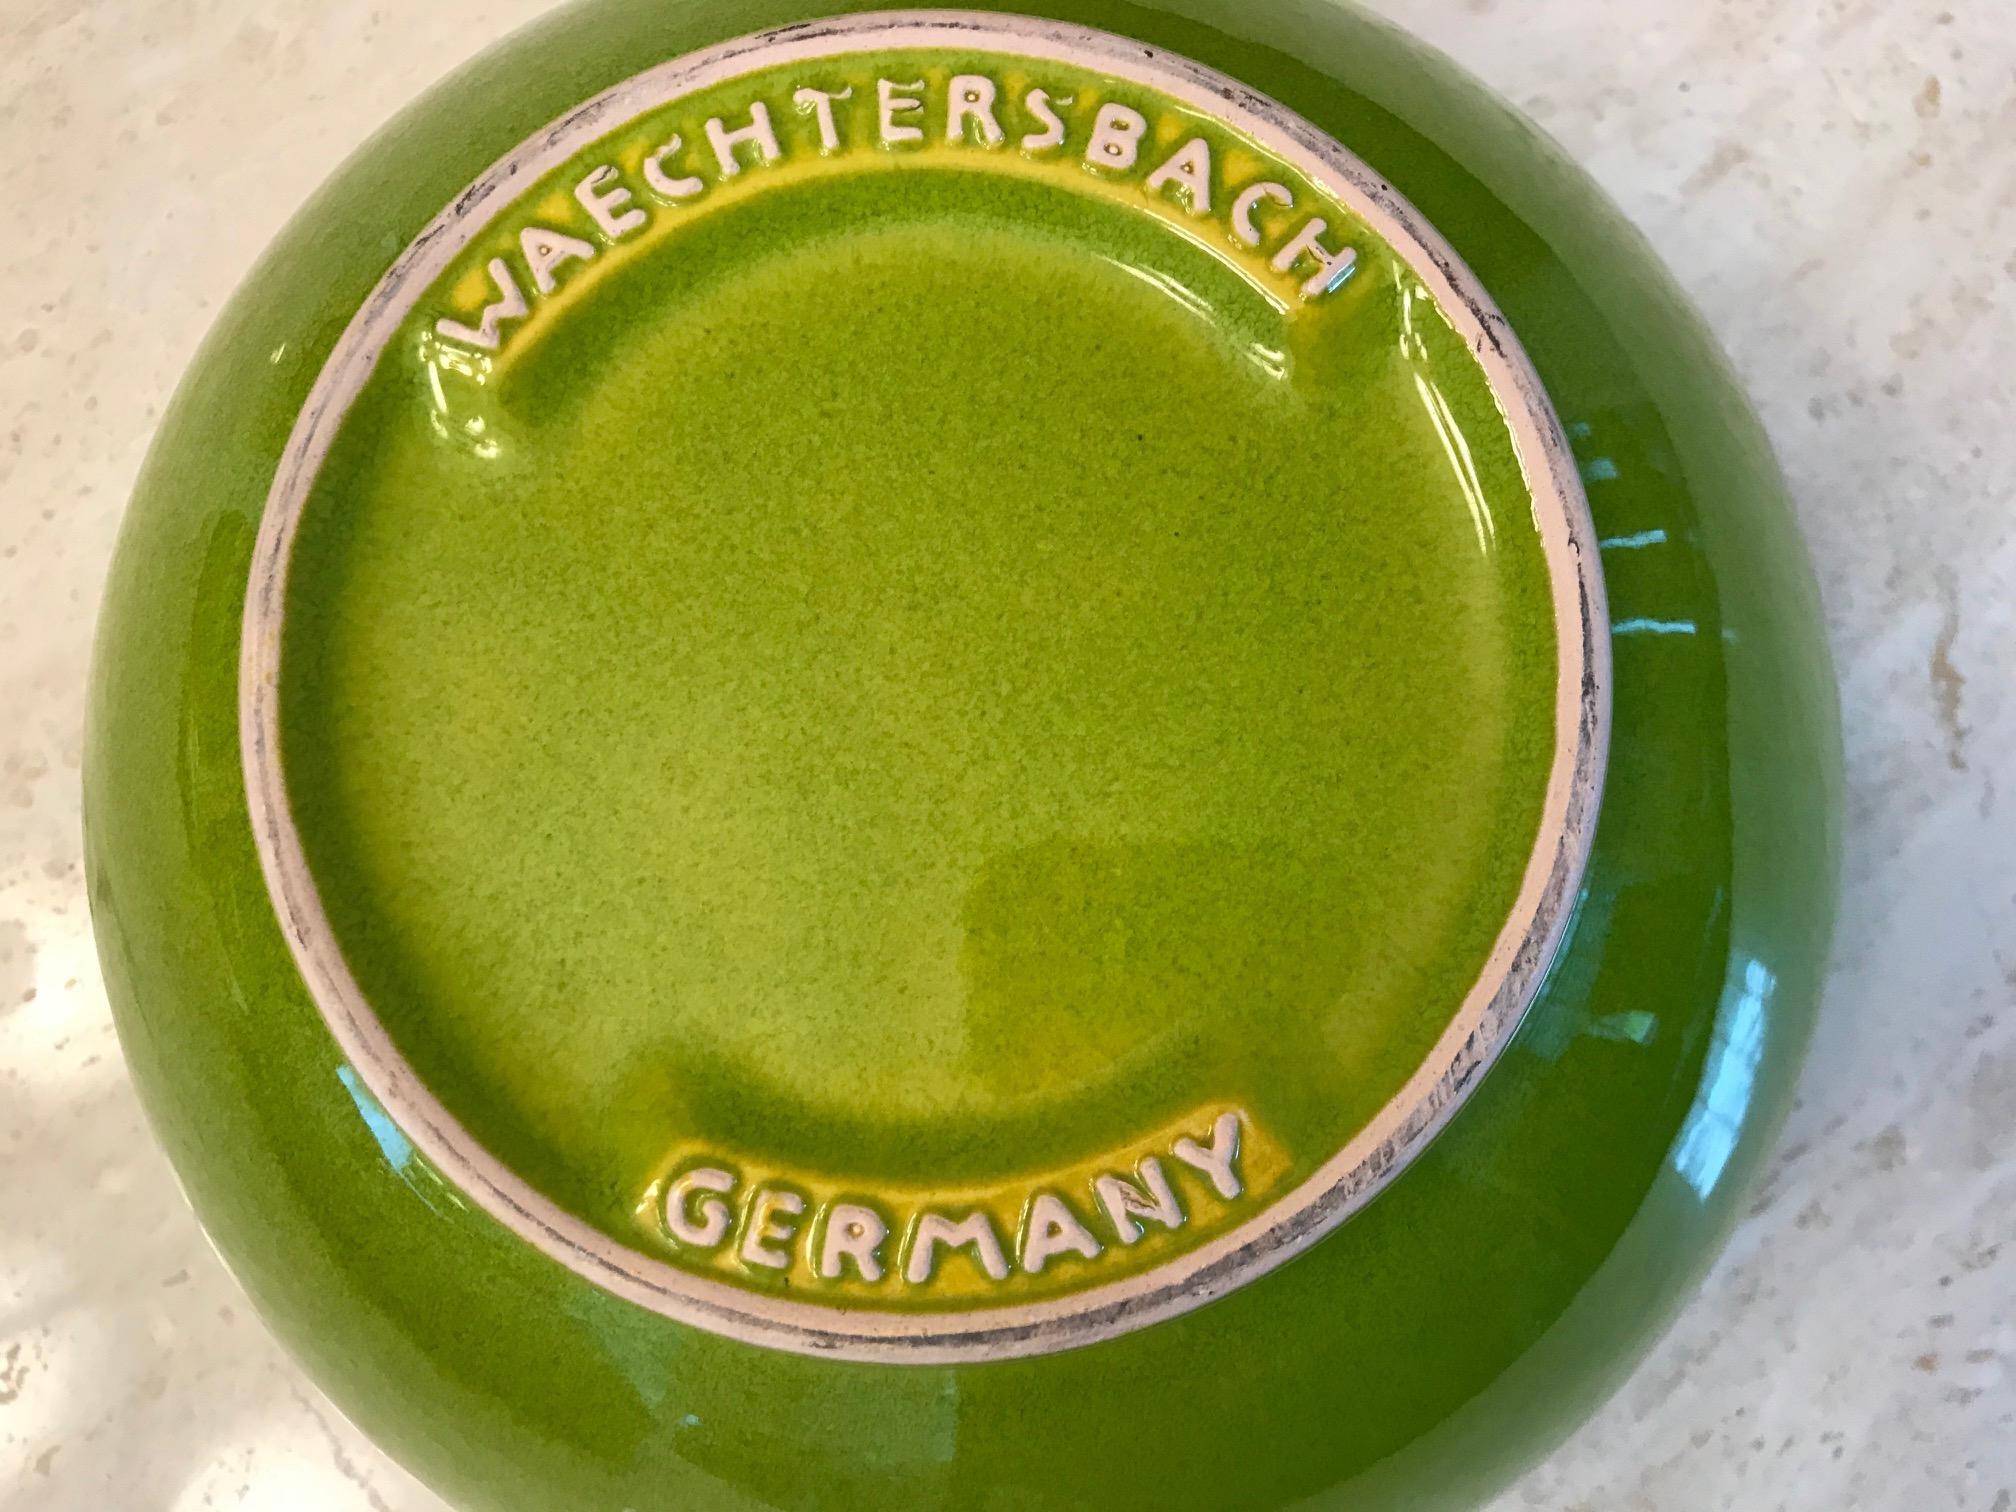 Green Waechtersbach German Nesting Bowl, c. 2009